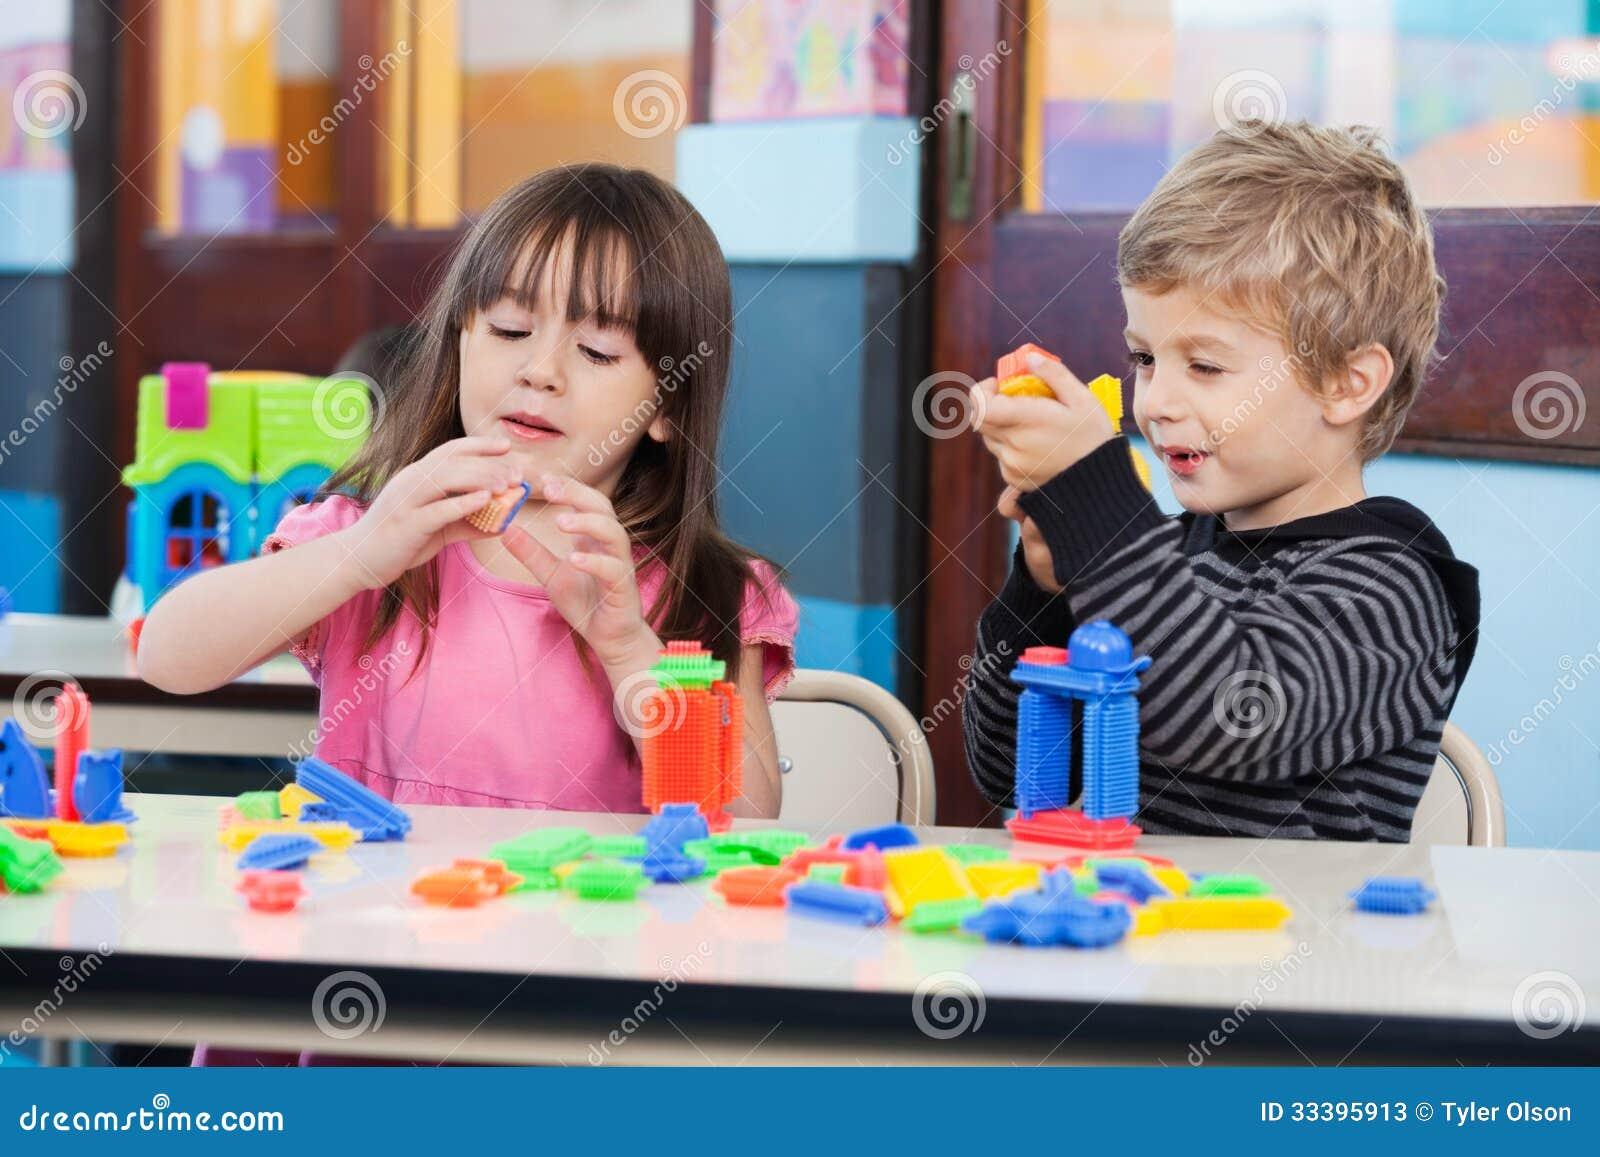 Dzieci Bawić się Z blokami W sala lekcyjnej